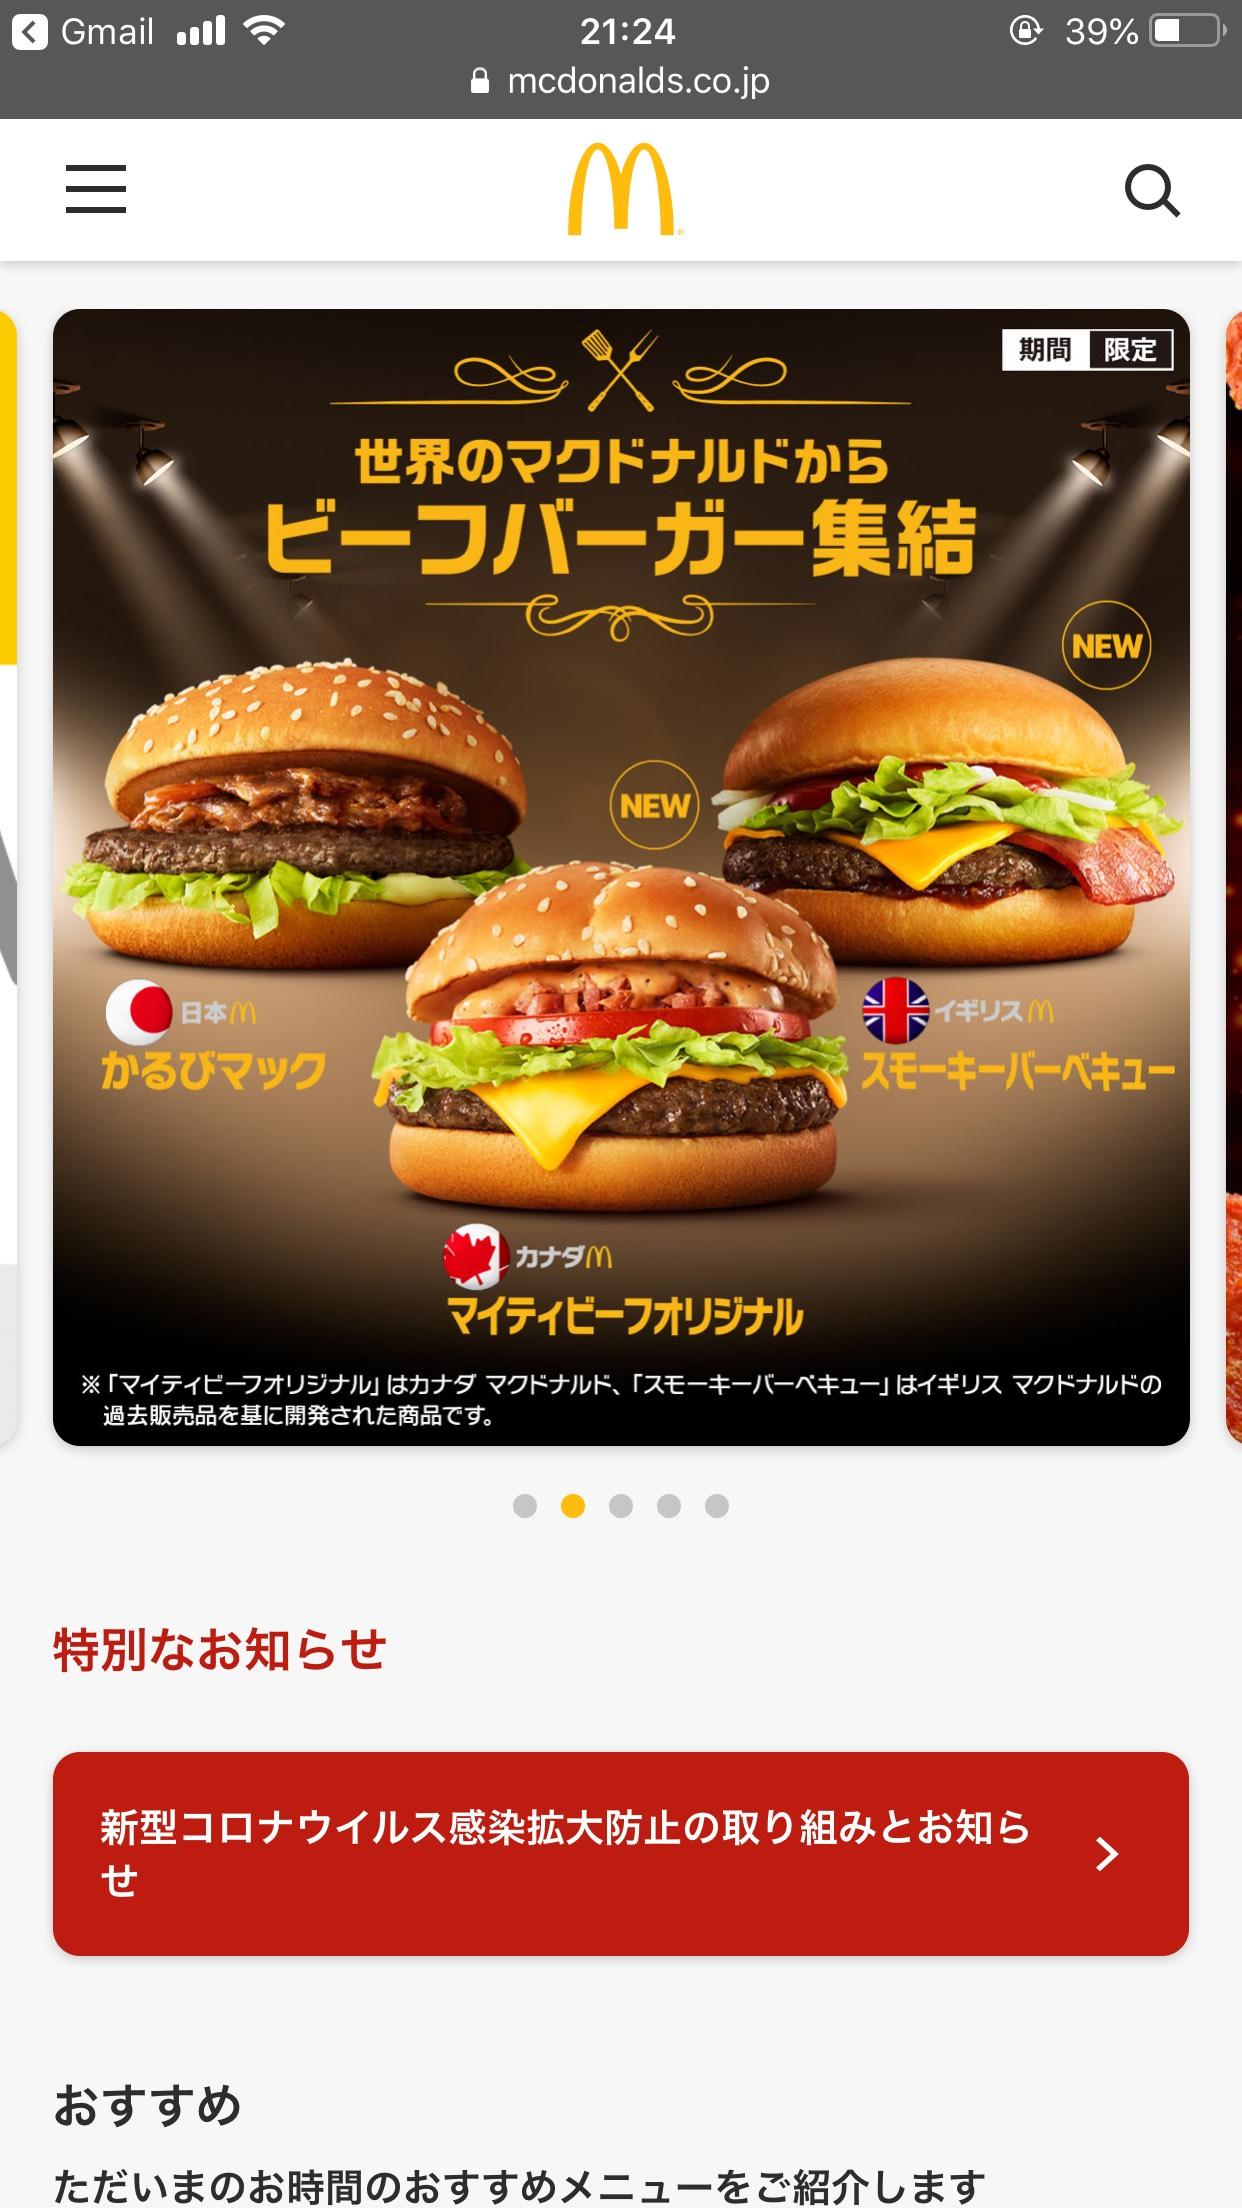 マクドナルド公式サイト | McDonald's Japan